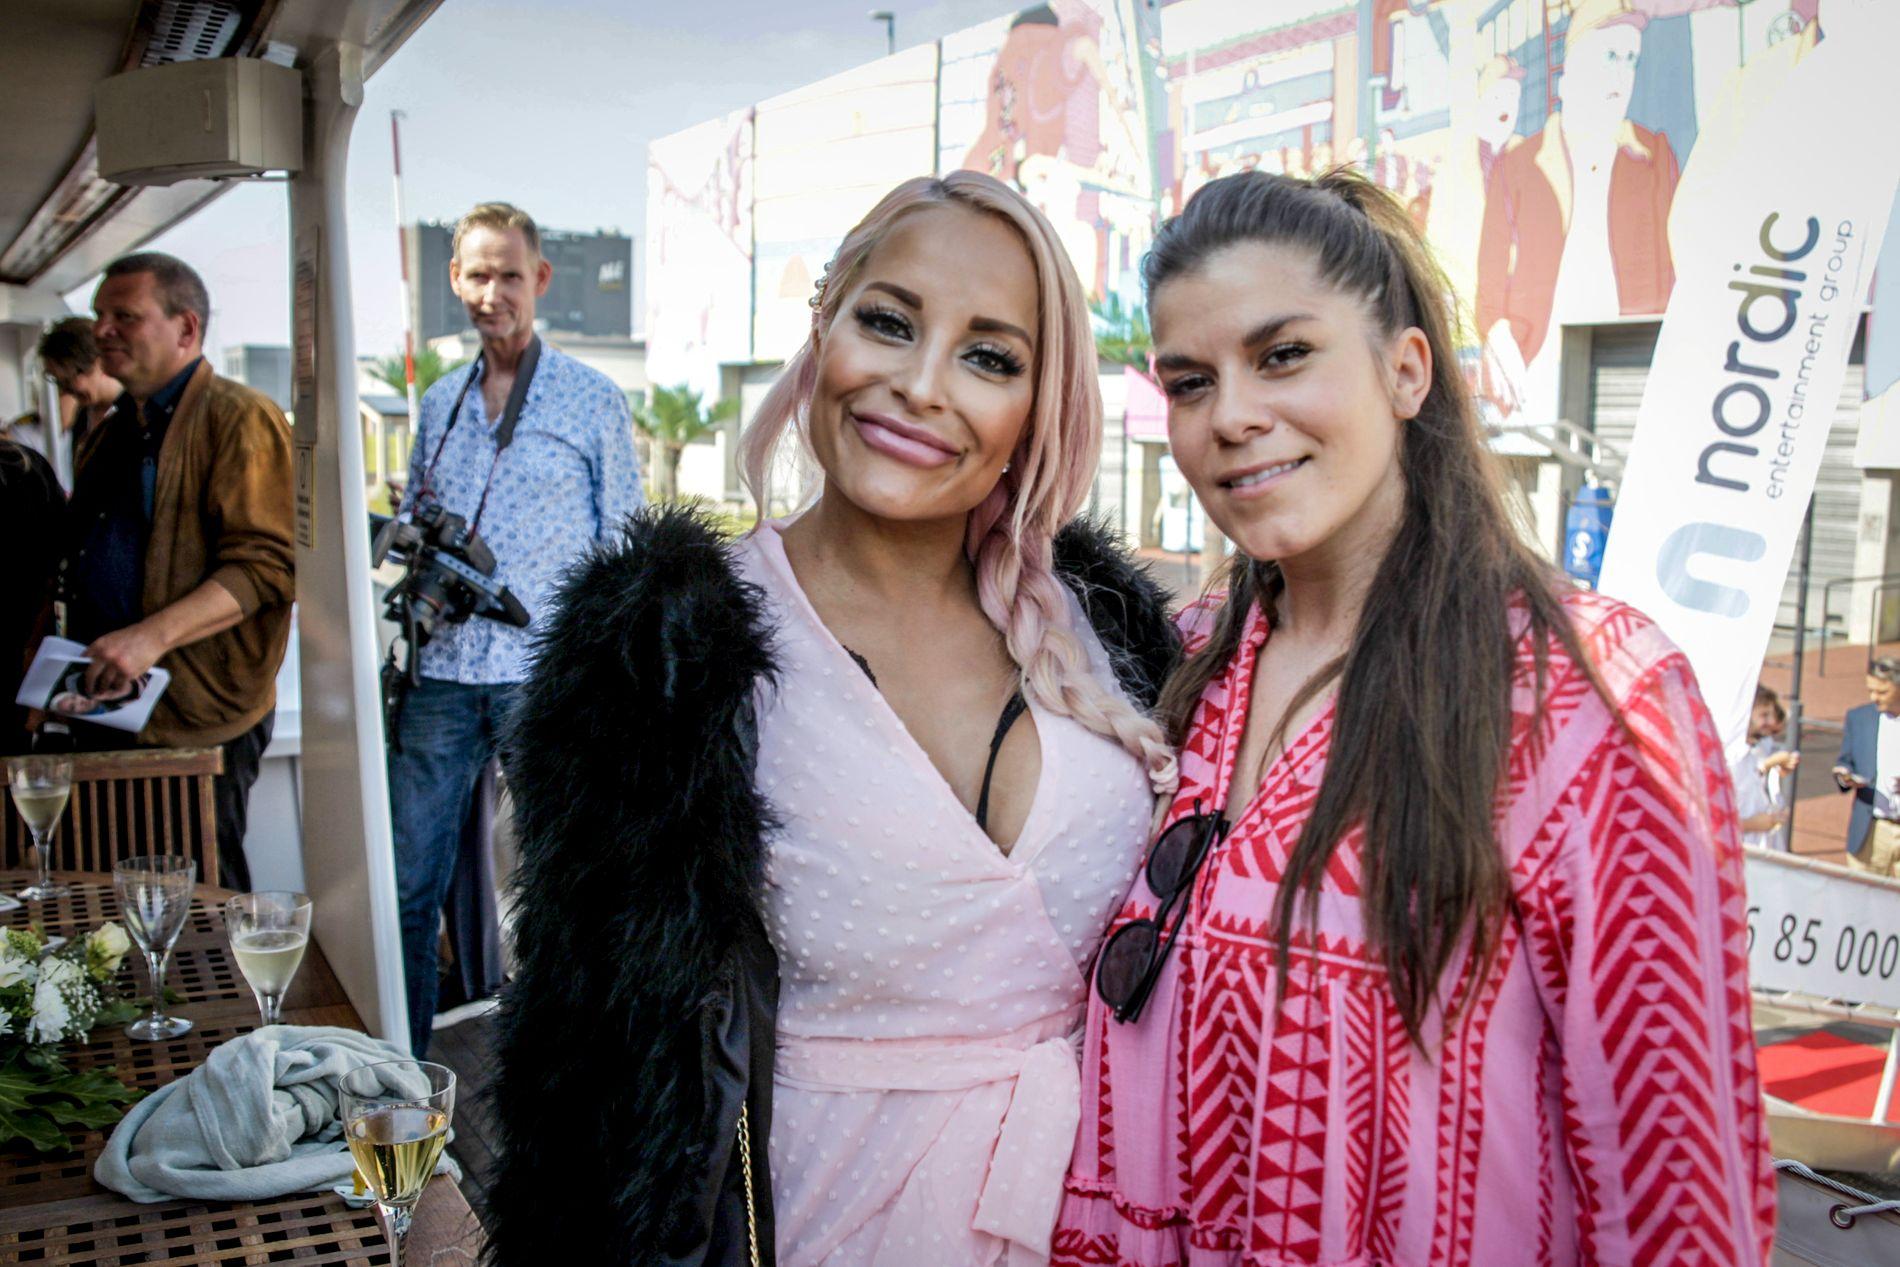 SAMME SERIE: Linni Meister og Kristin Gjelsvik er begge med i den nye TV-serien «Kjendismødre» som kommer til høsten på Viafree og TV3.